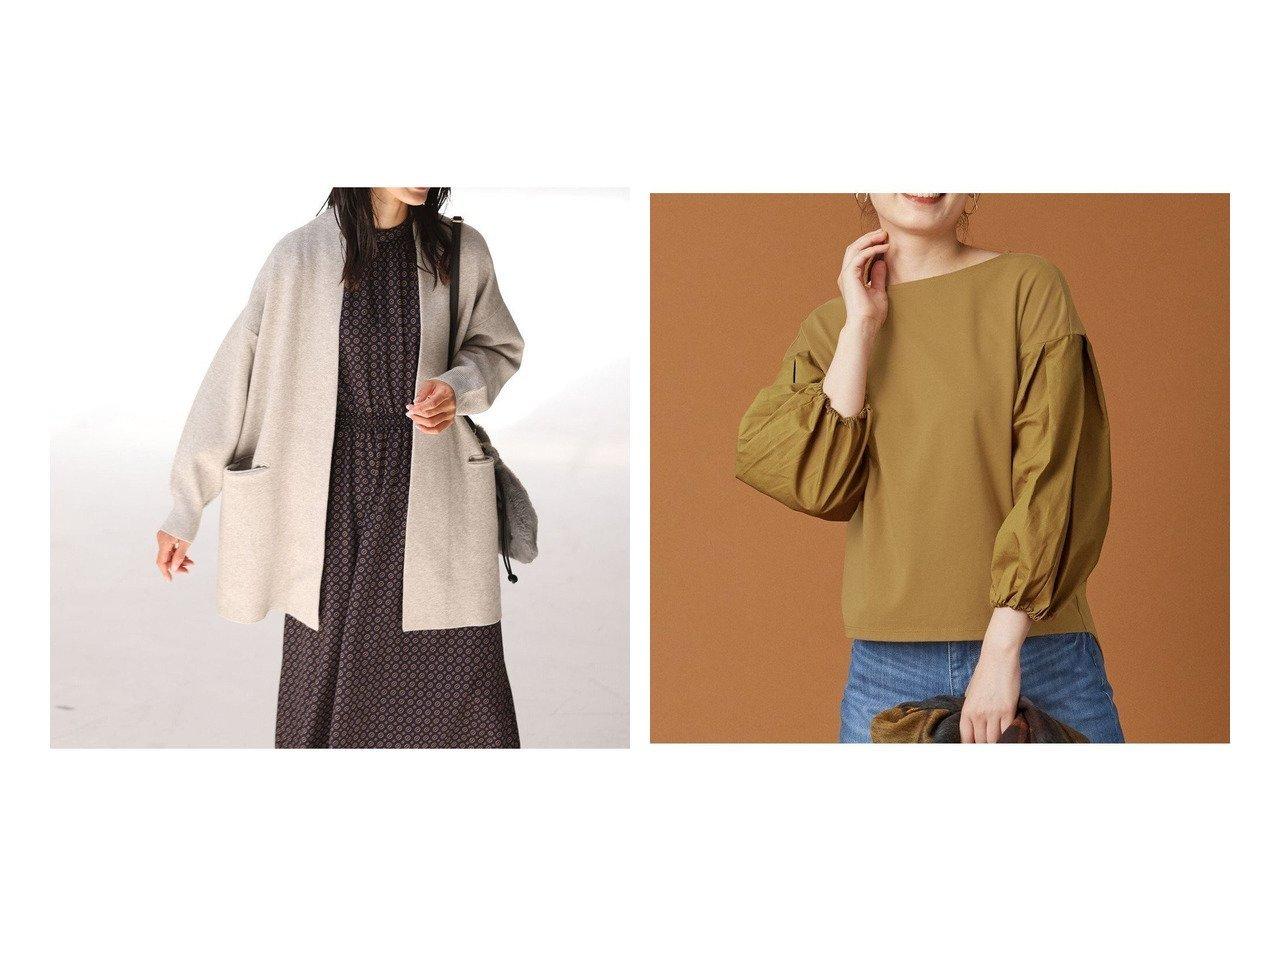 【any FAM/エニィファム】のボリュームスリーブ後ろタック カットソー&コクーンニット コーディガン 【プチプライス・低価格】おすすめ!人気、トレンド・レディースファッションの通販 おすすめで人気の流行・トレンド、ファッションの通販商品 インテリア・家具・メンズファッション・キッズファッション・レディースファッション・服の通販 founy(ファニー) https://founy.com/ ファッション Fashion レディースファッション WOMEN アウター Coat Outerwear ジャケット Jackets トップス・カットソー Tops/Tshirt シャツ/ブラウス Shirts/Blouses ロング / Tシャツ T-Shirts カットソー Cut and Sewn ボリュームスリーブ / フリル袖 Volume Sleeve 送料無料 Free Shipping カーディガン コーディガン シンプル ジャケット ボトム ポケット 秋 Autumn/Fall カットソー ギャザー スリーブ トレンド リラックス |ID:crp329100000072081